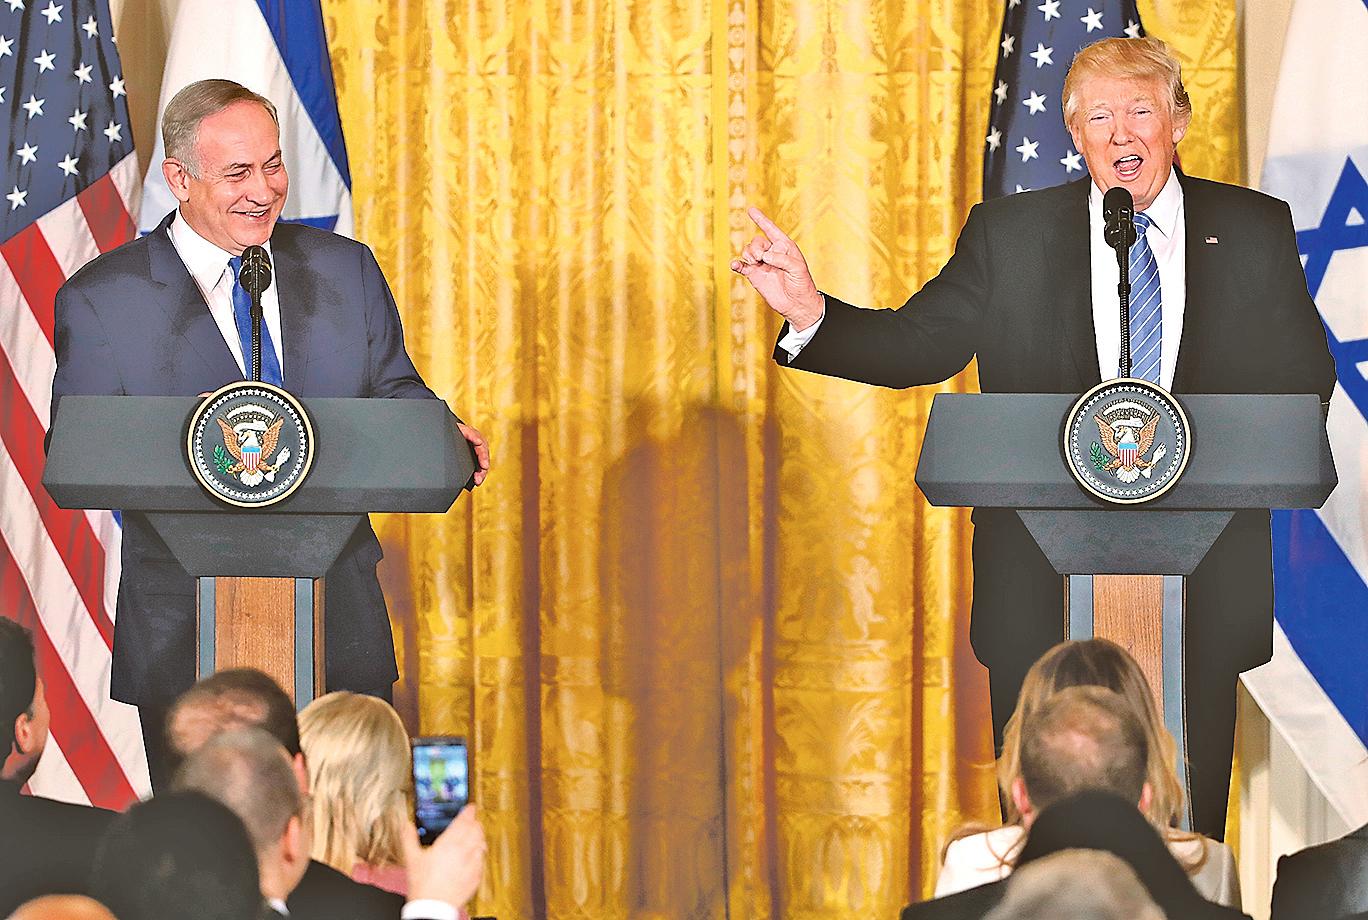 2月15日,特朗普與來訪的以色列總理內塔尼亞胡首次會面。圖為當天在白宮東翼舉行的聯合新聞發佈會。(Getty Images)